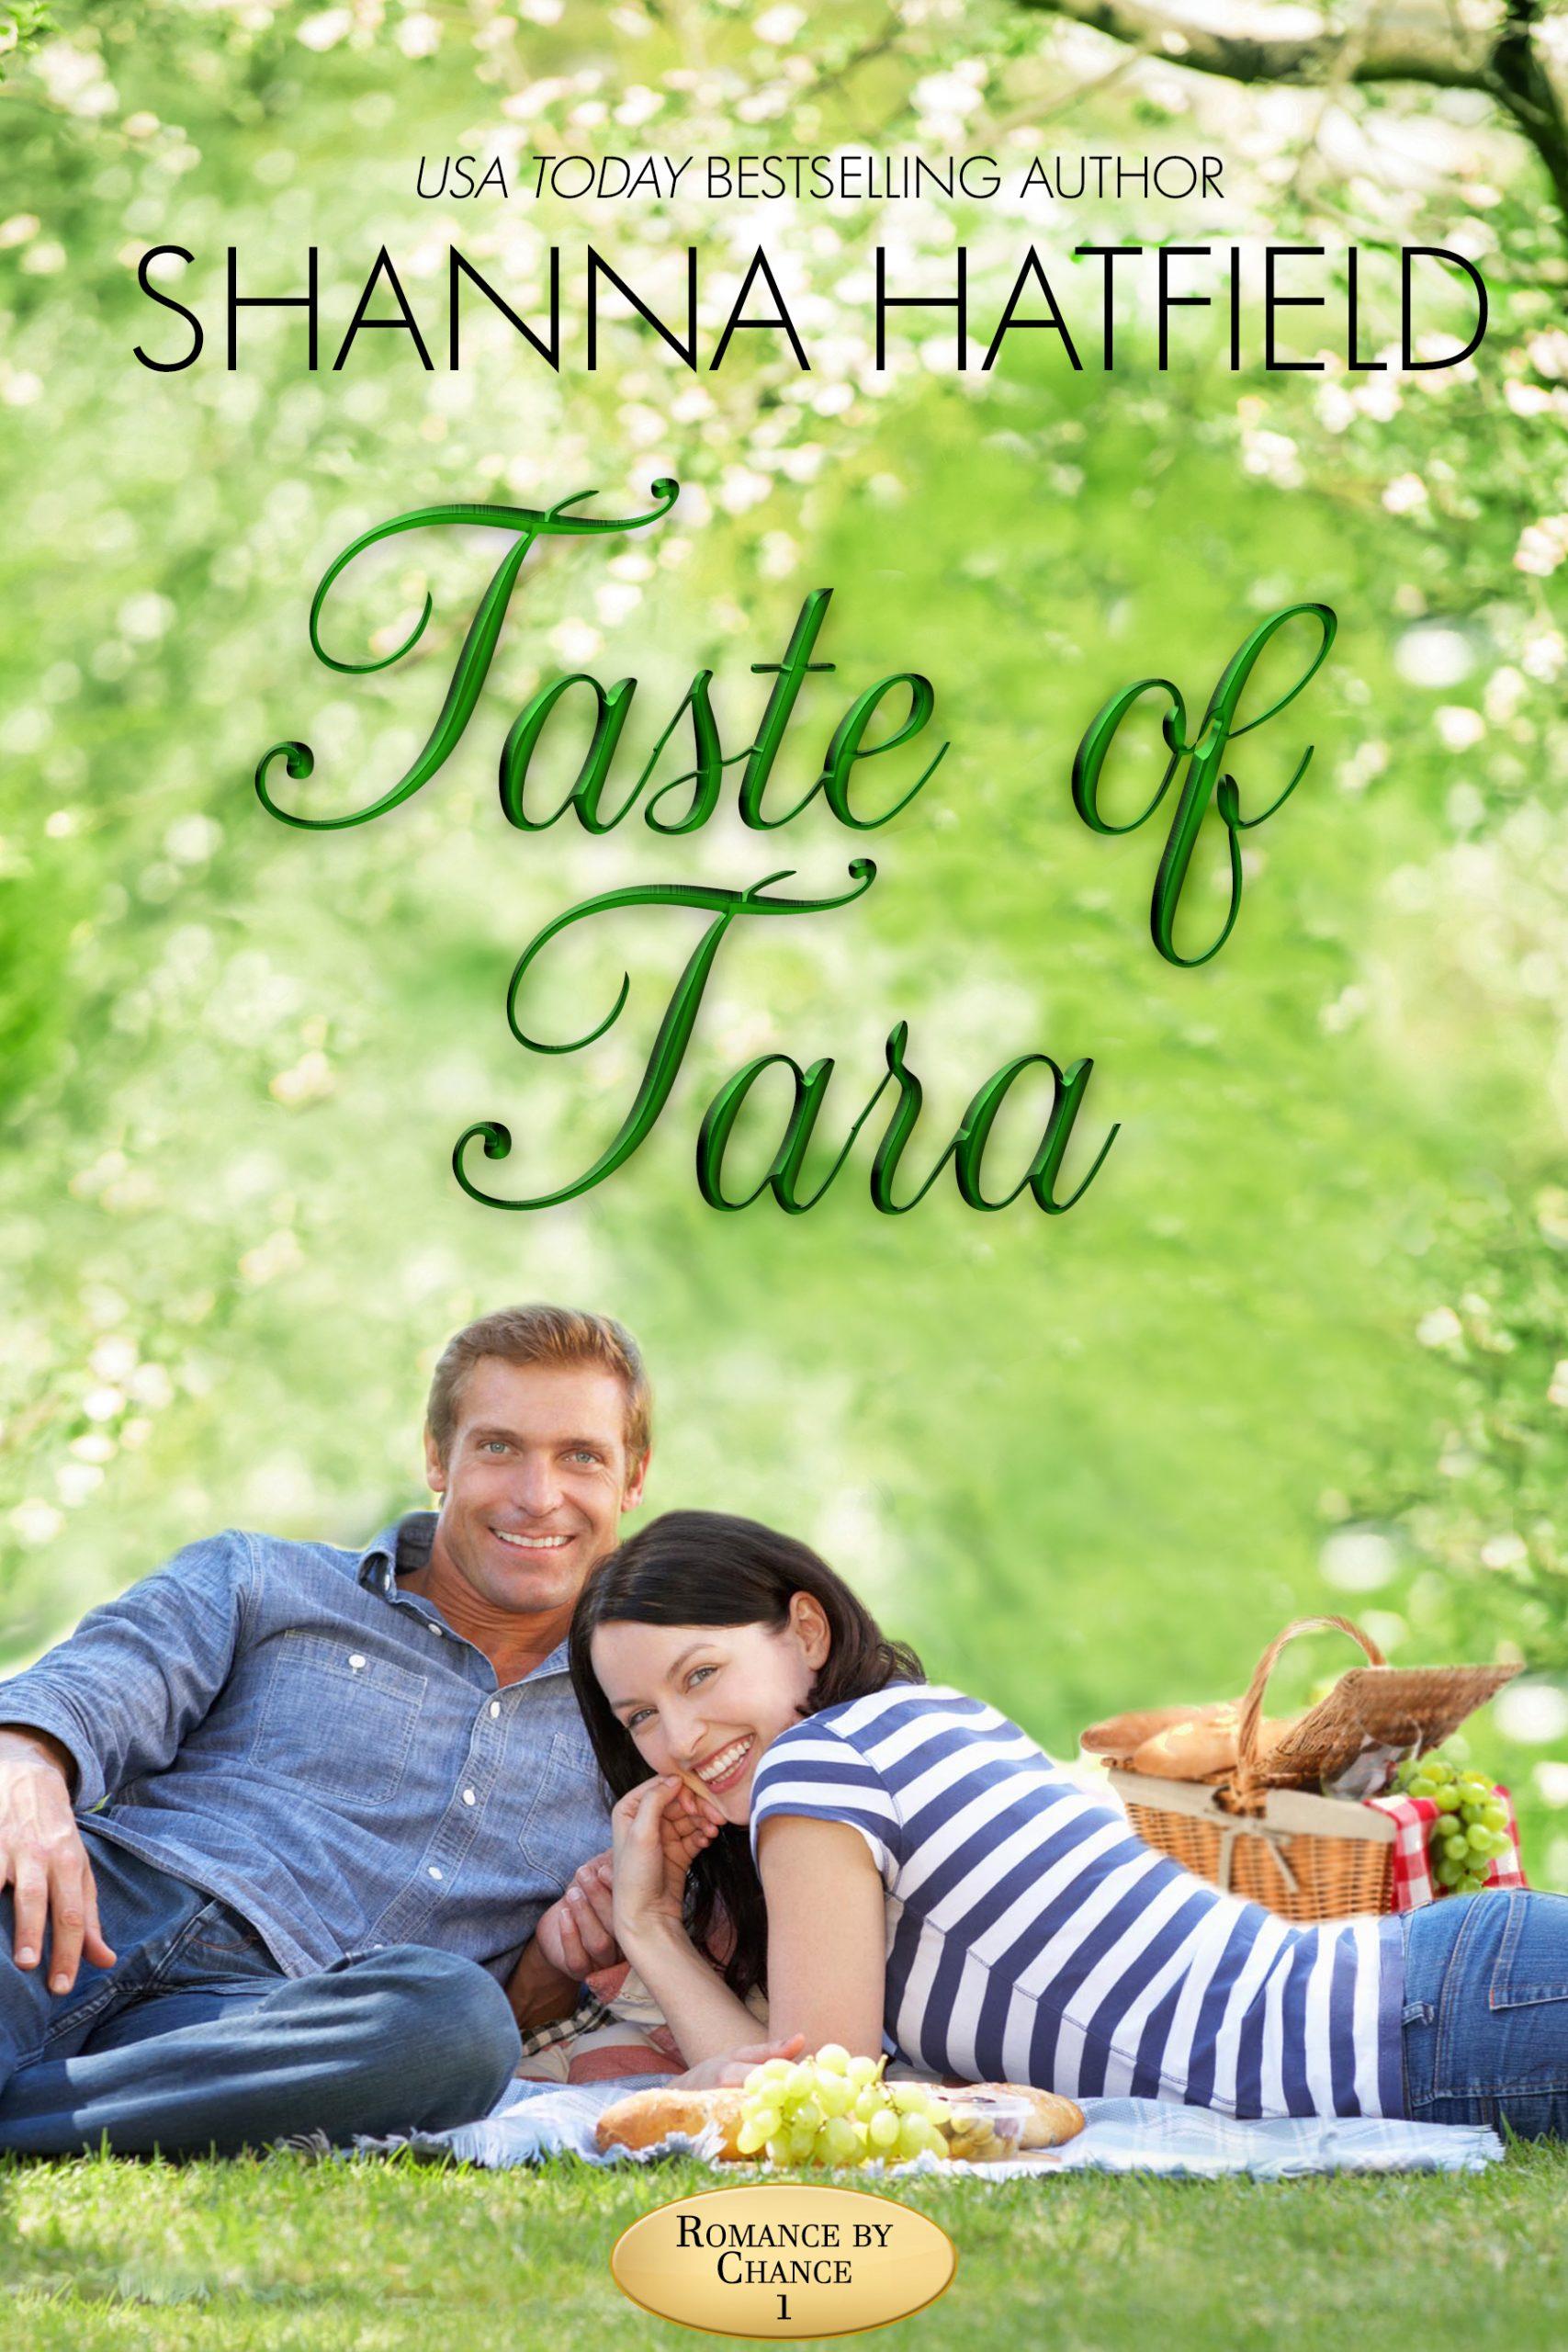 Taste of Tara Cover 2020